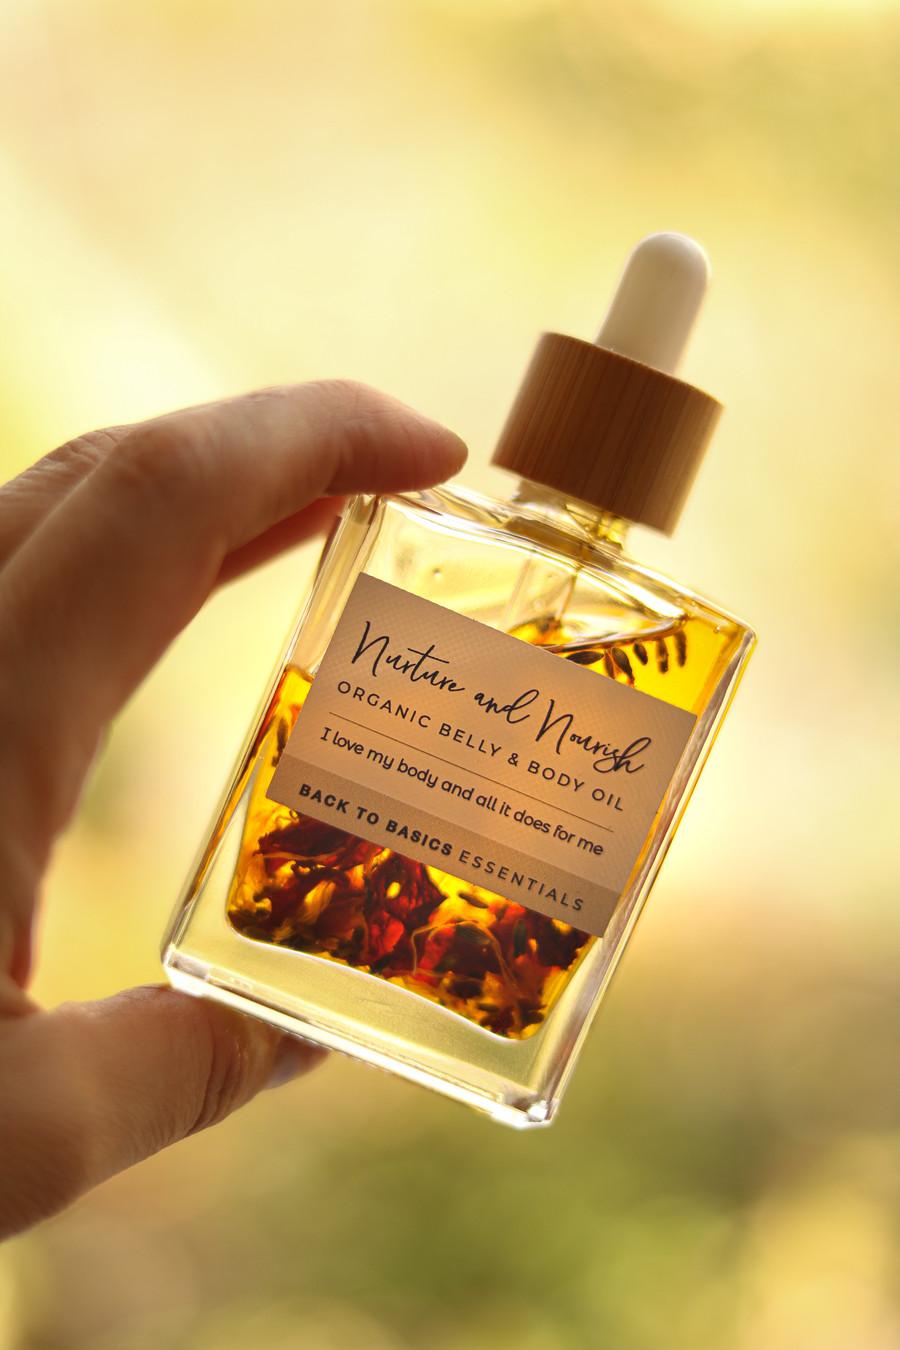 Nurture & Nourish- Organic Belly & Body Oil